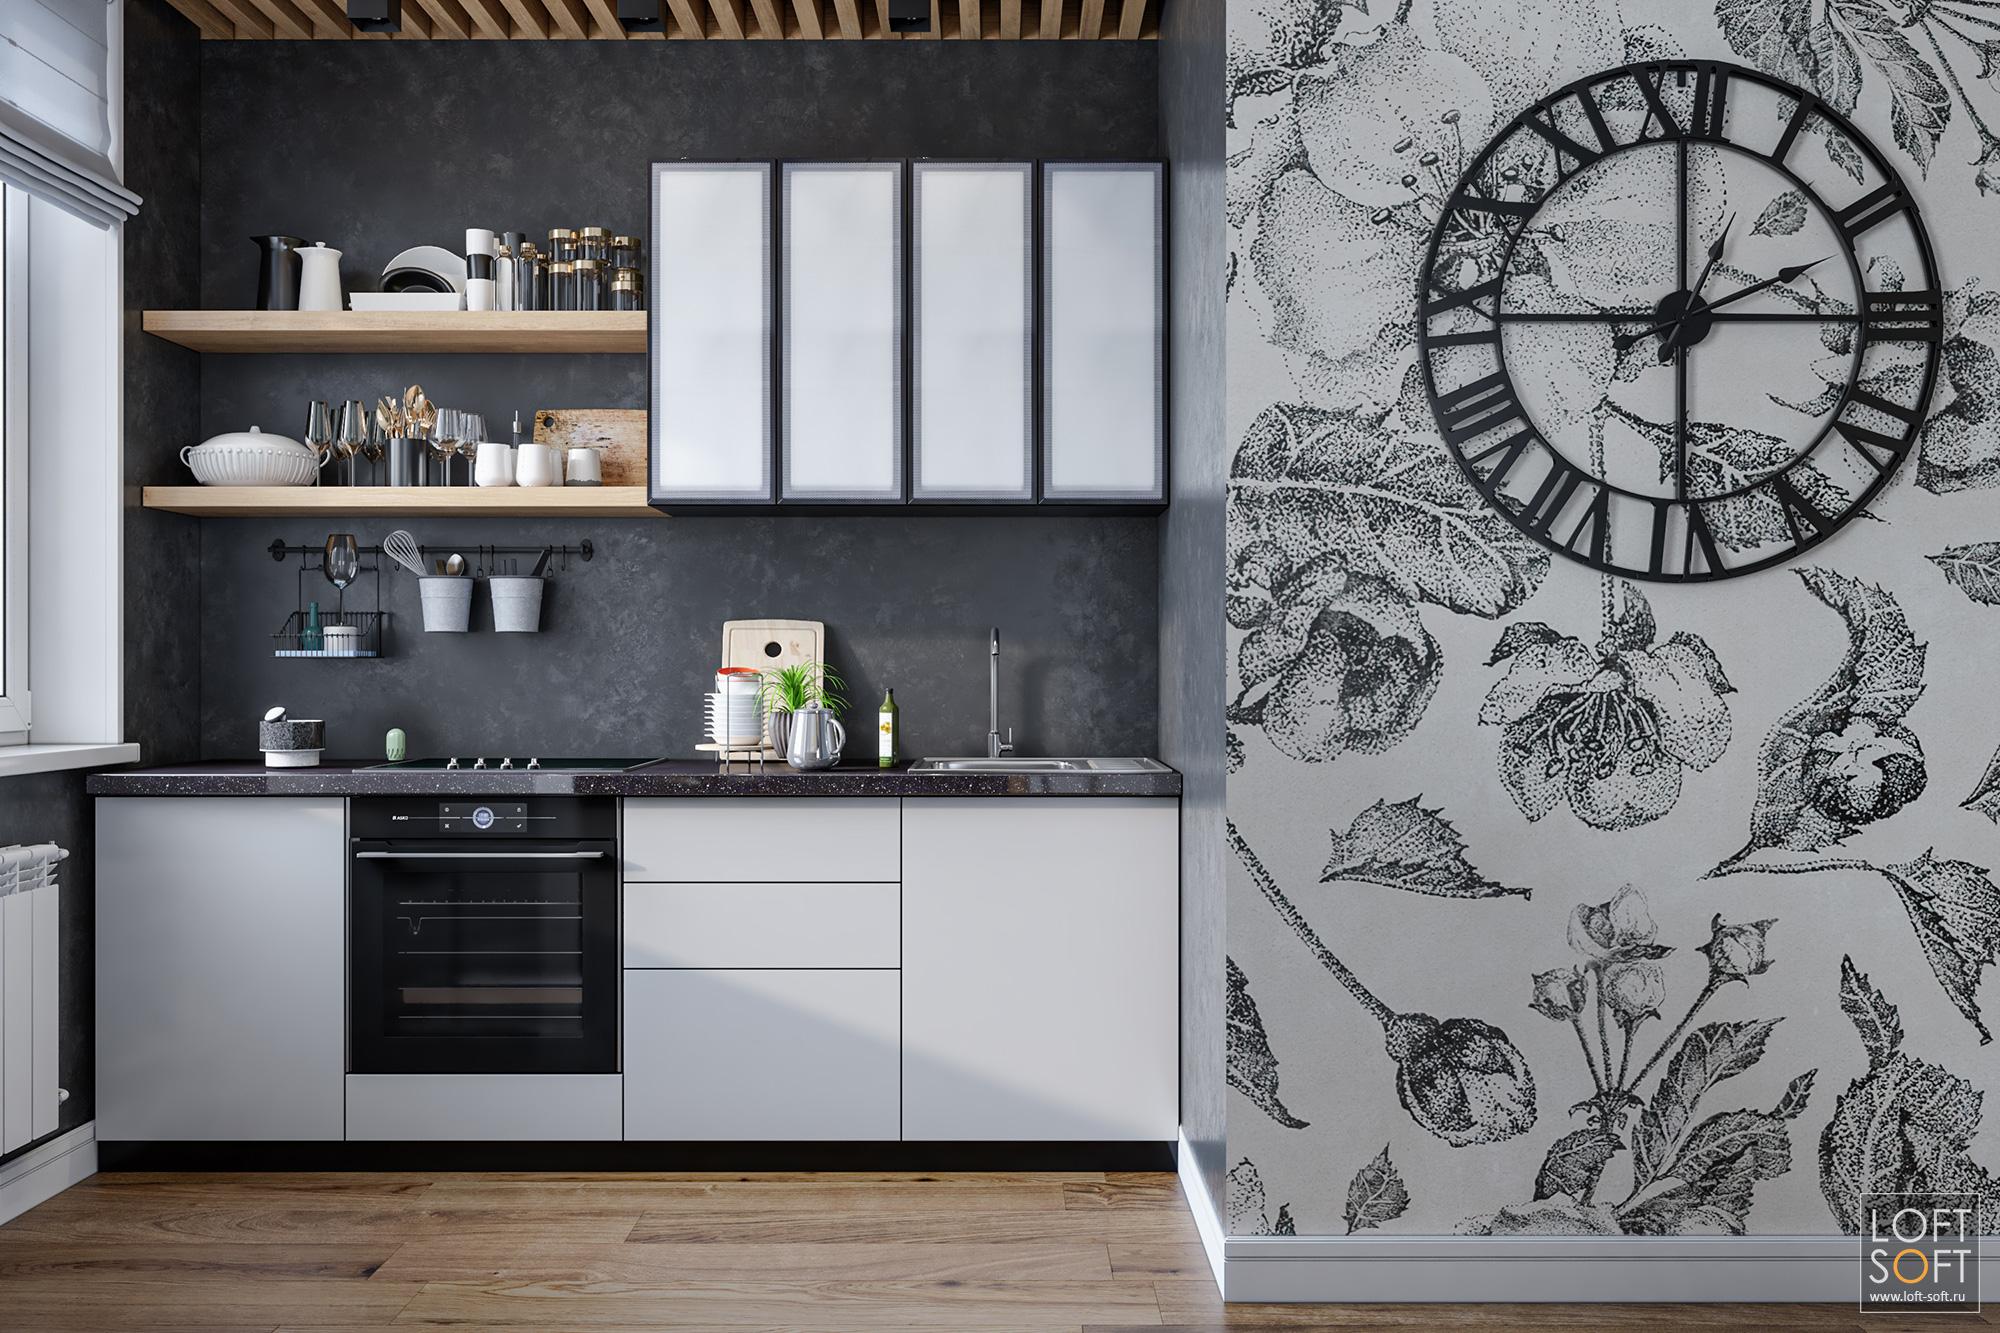 Современная кухня начерной стене. Металлические большие часы настене сфреской.